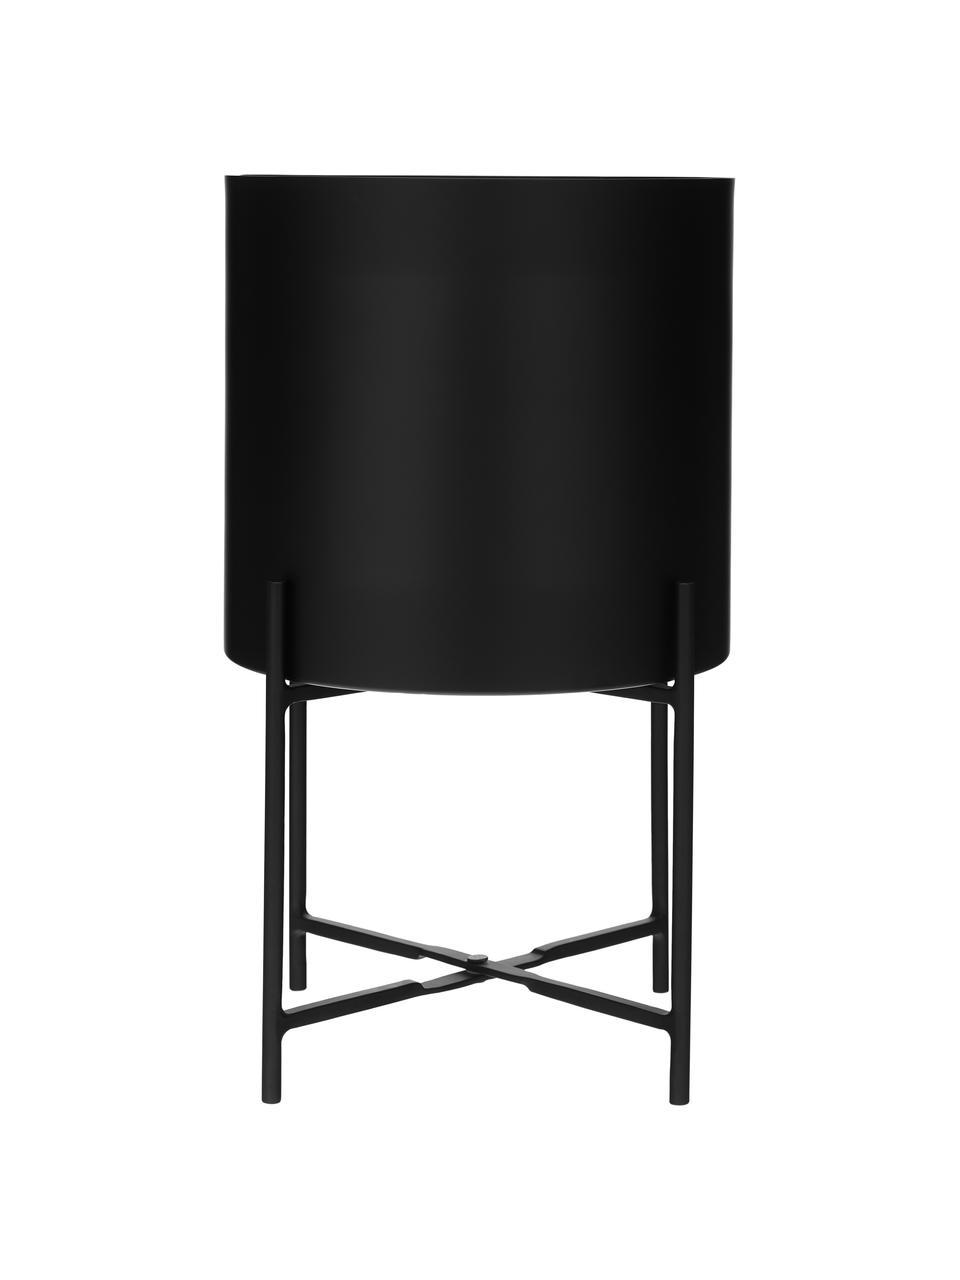 Übertopf-Set Mina aus Metall, 2-tlg., Metall, pulverbeschichtet, Schwarz, matt, Set mit verschiedenen Größen